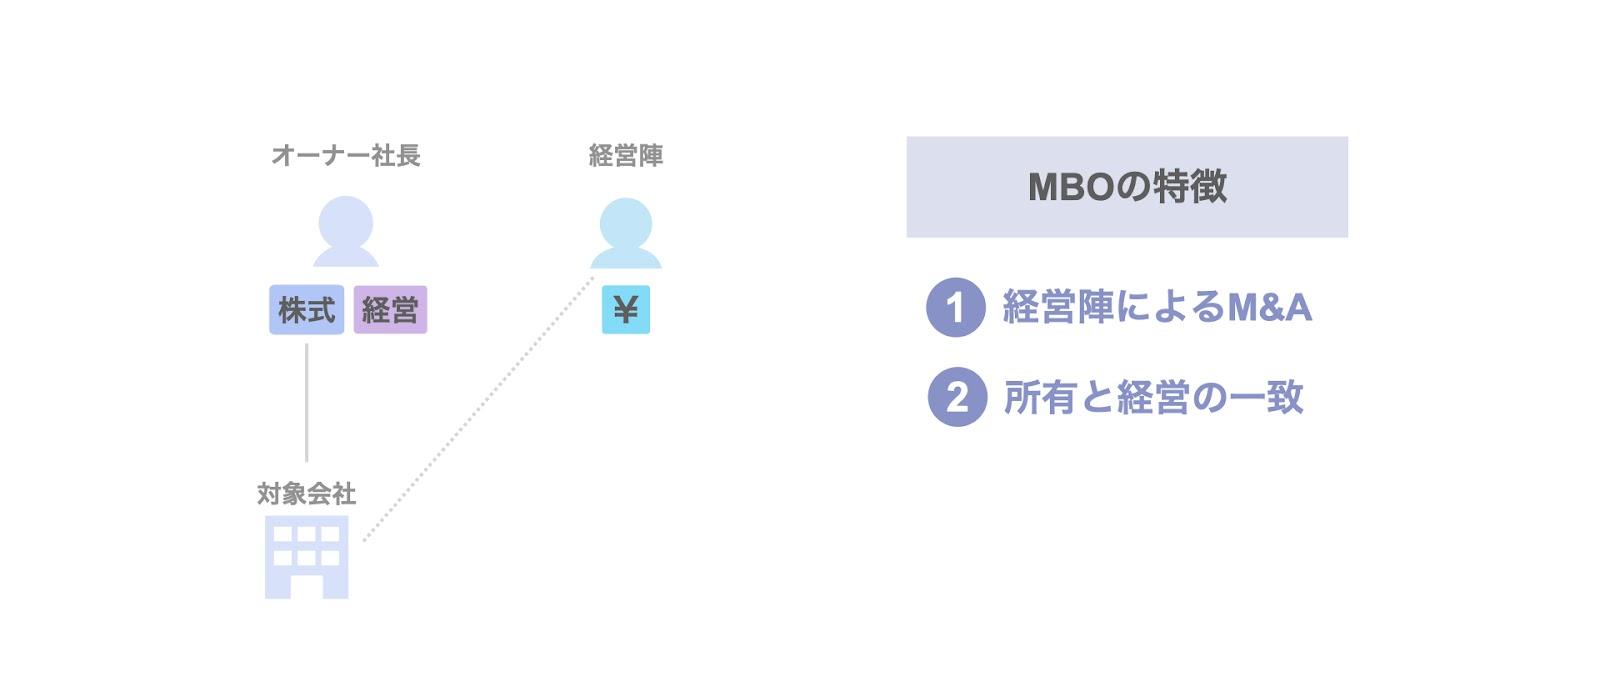 MBOの特徴